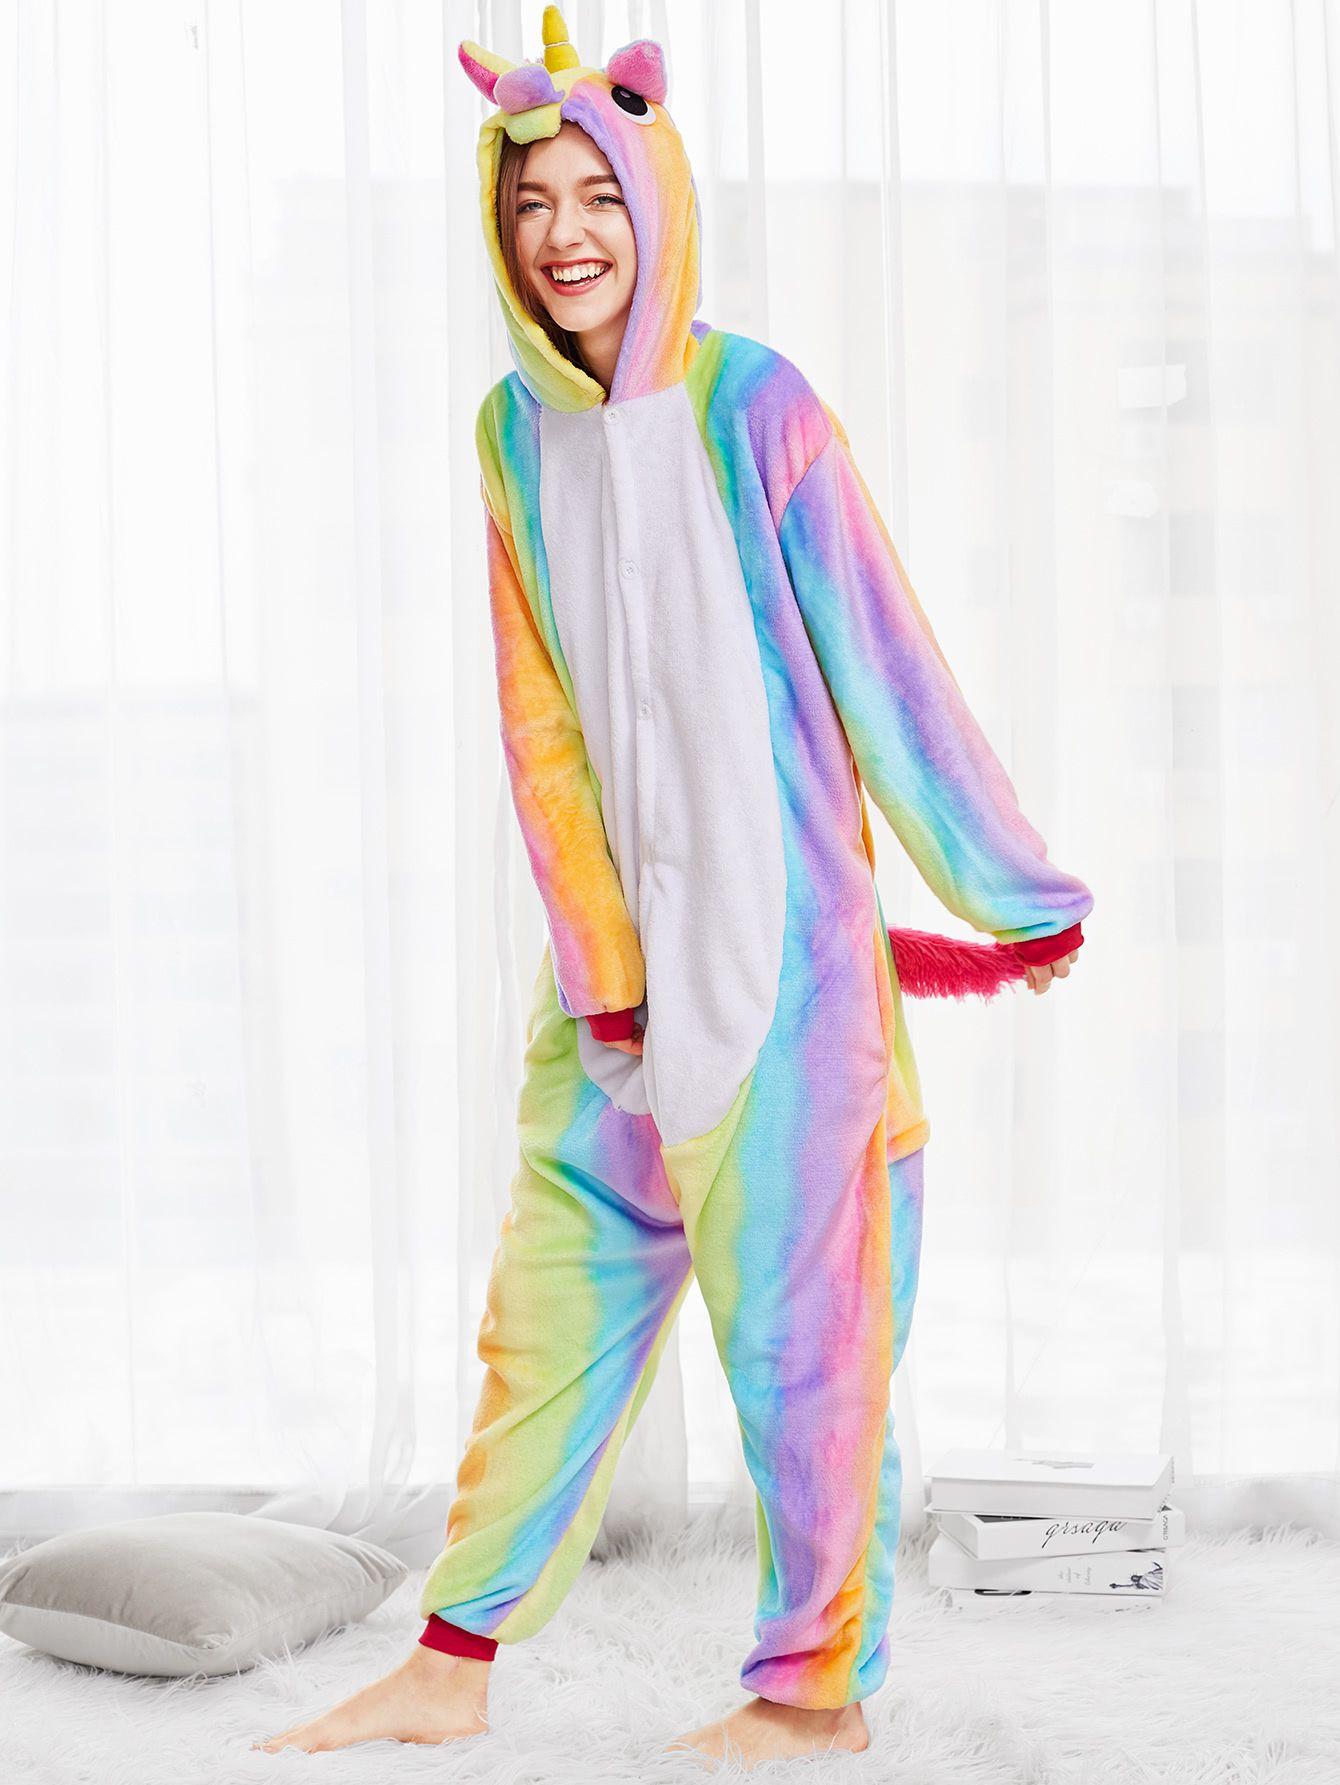 Shop Rainbow Unicorn Onesie Online Shein Offers Rainbow Unicorn Onesie More To Fit Your Fashionable Needs Rainbow Unicorn Lounge Wear Fashion